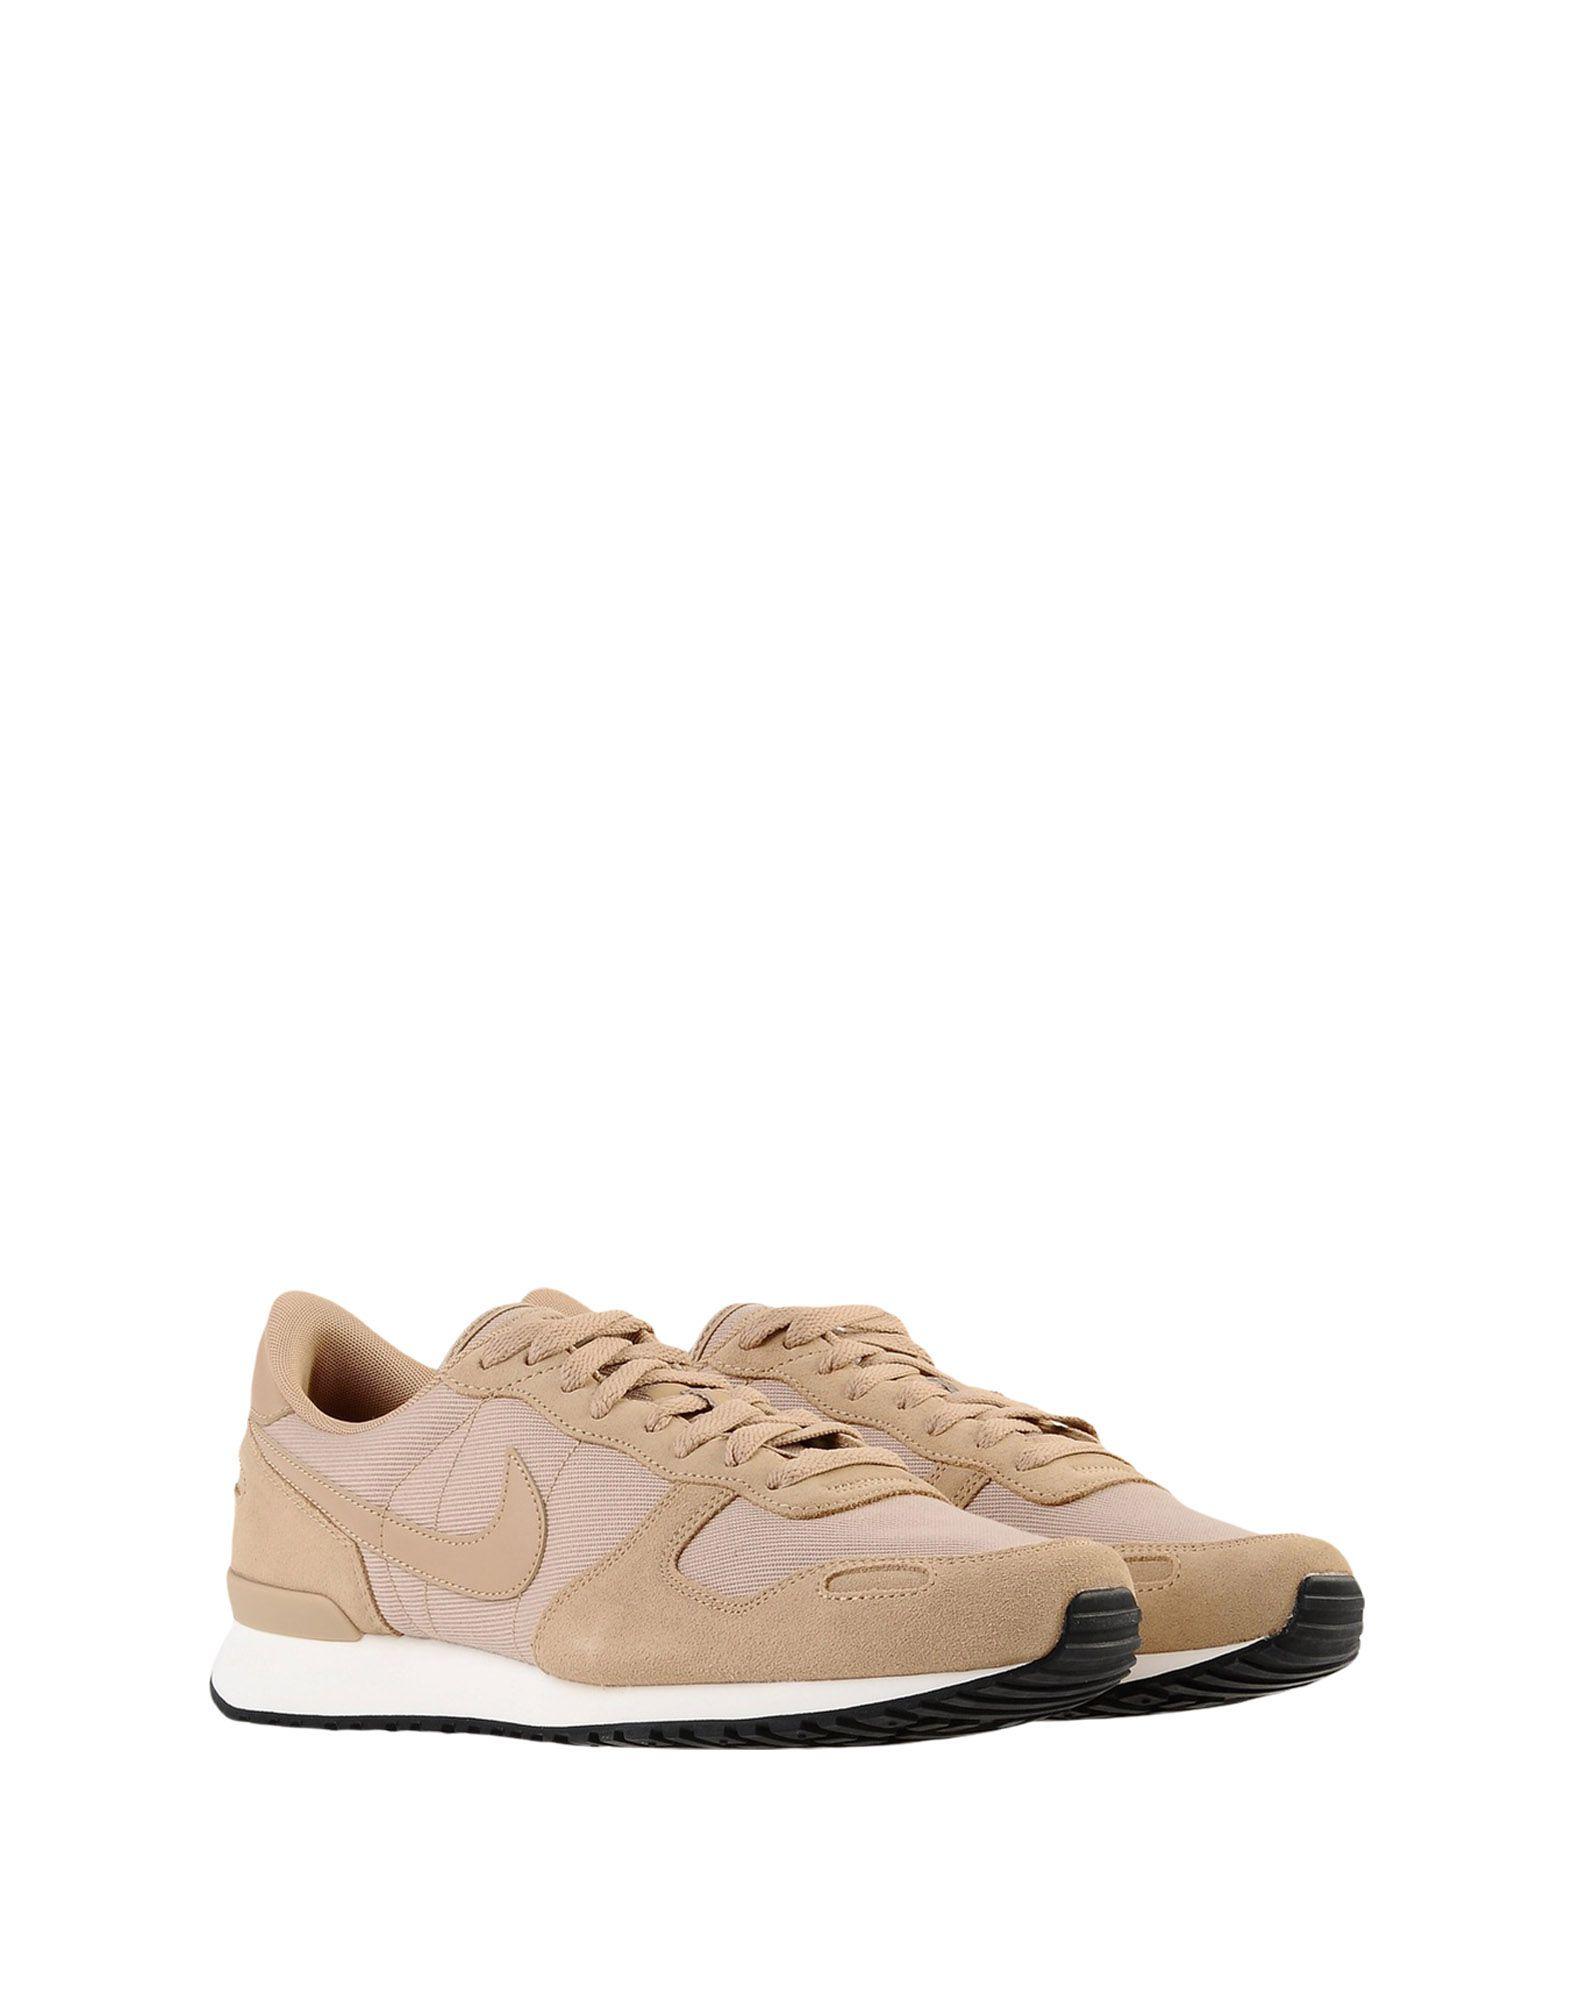 Rabatt Schuhe echte Schuhe Rabatt Nike Air Vortex Leder 11545213OK 3ab0c2